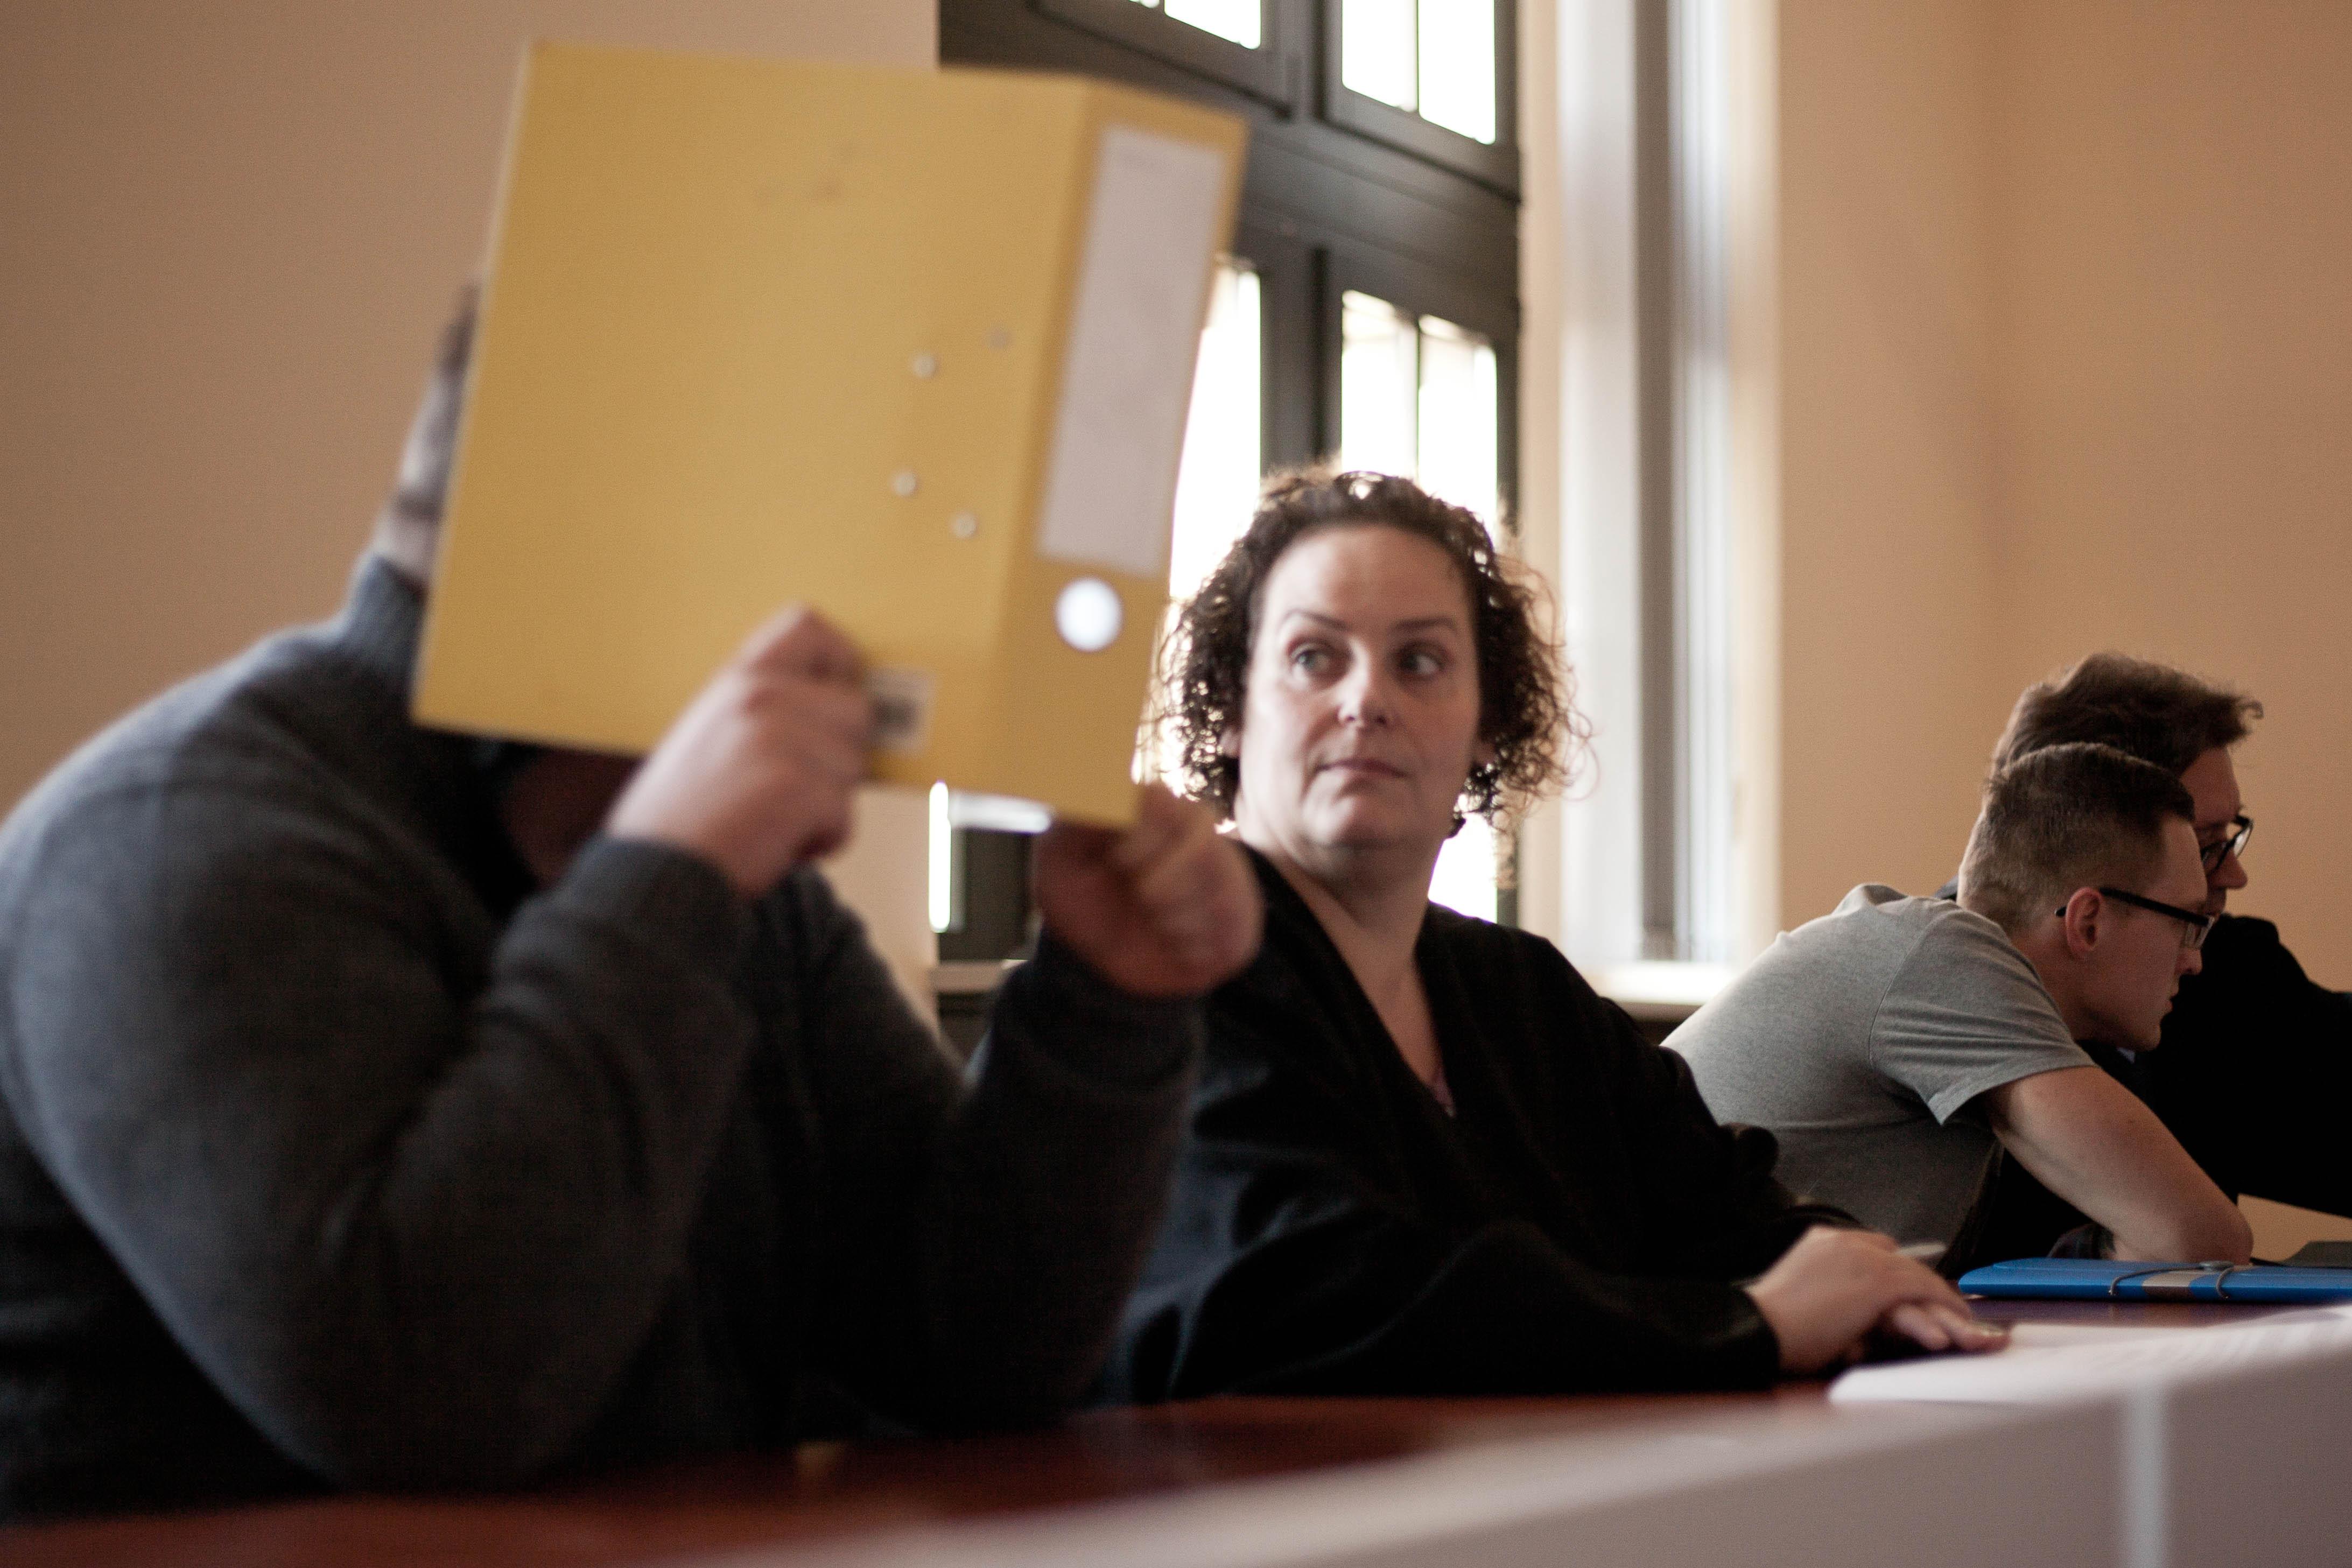 Marcus L. mit Verteidigerin Antje König, im Hintergrund Danny W. mit Verteidiger Andreas Meschkat. | Foto: Paul Hildebrand